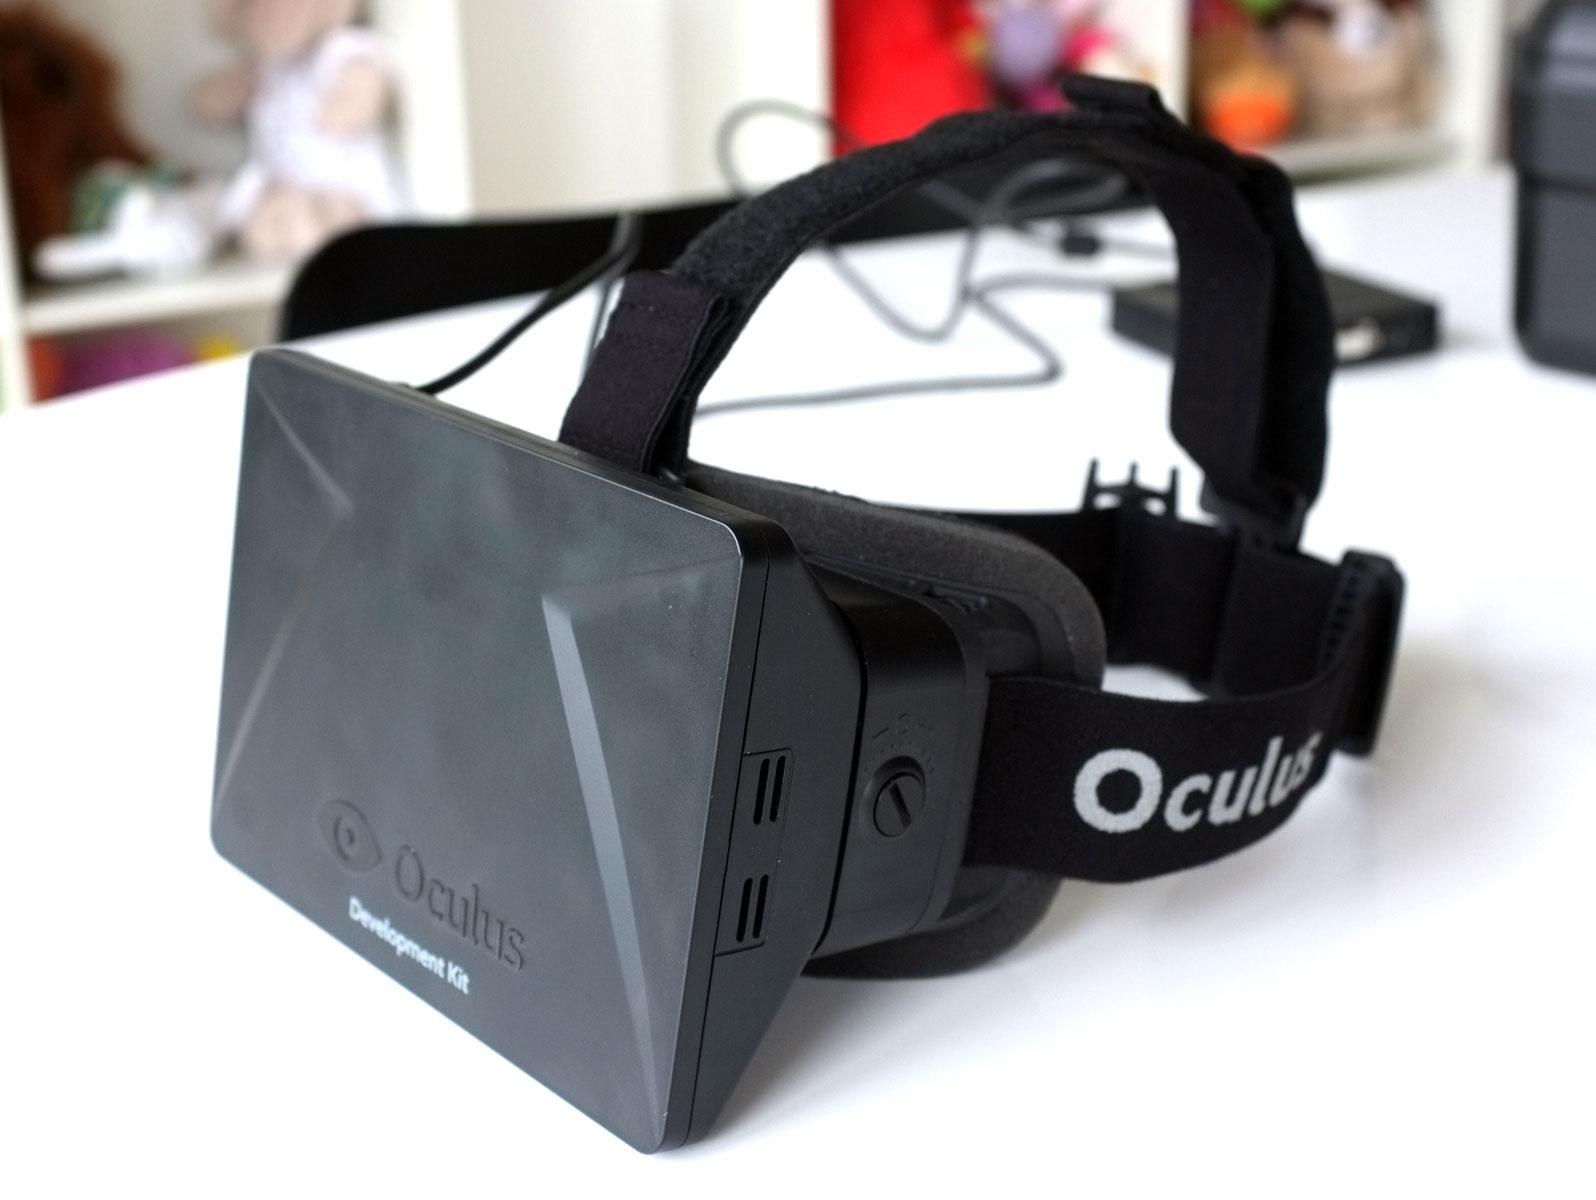 oculusrift_2.0